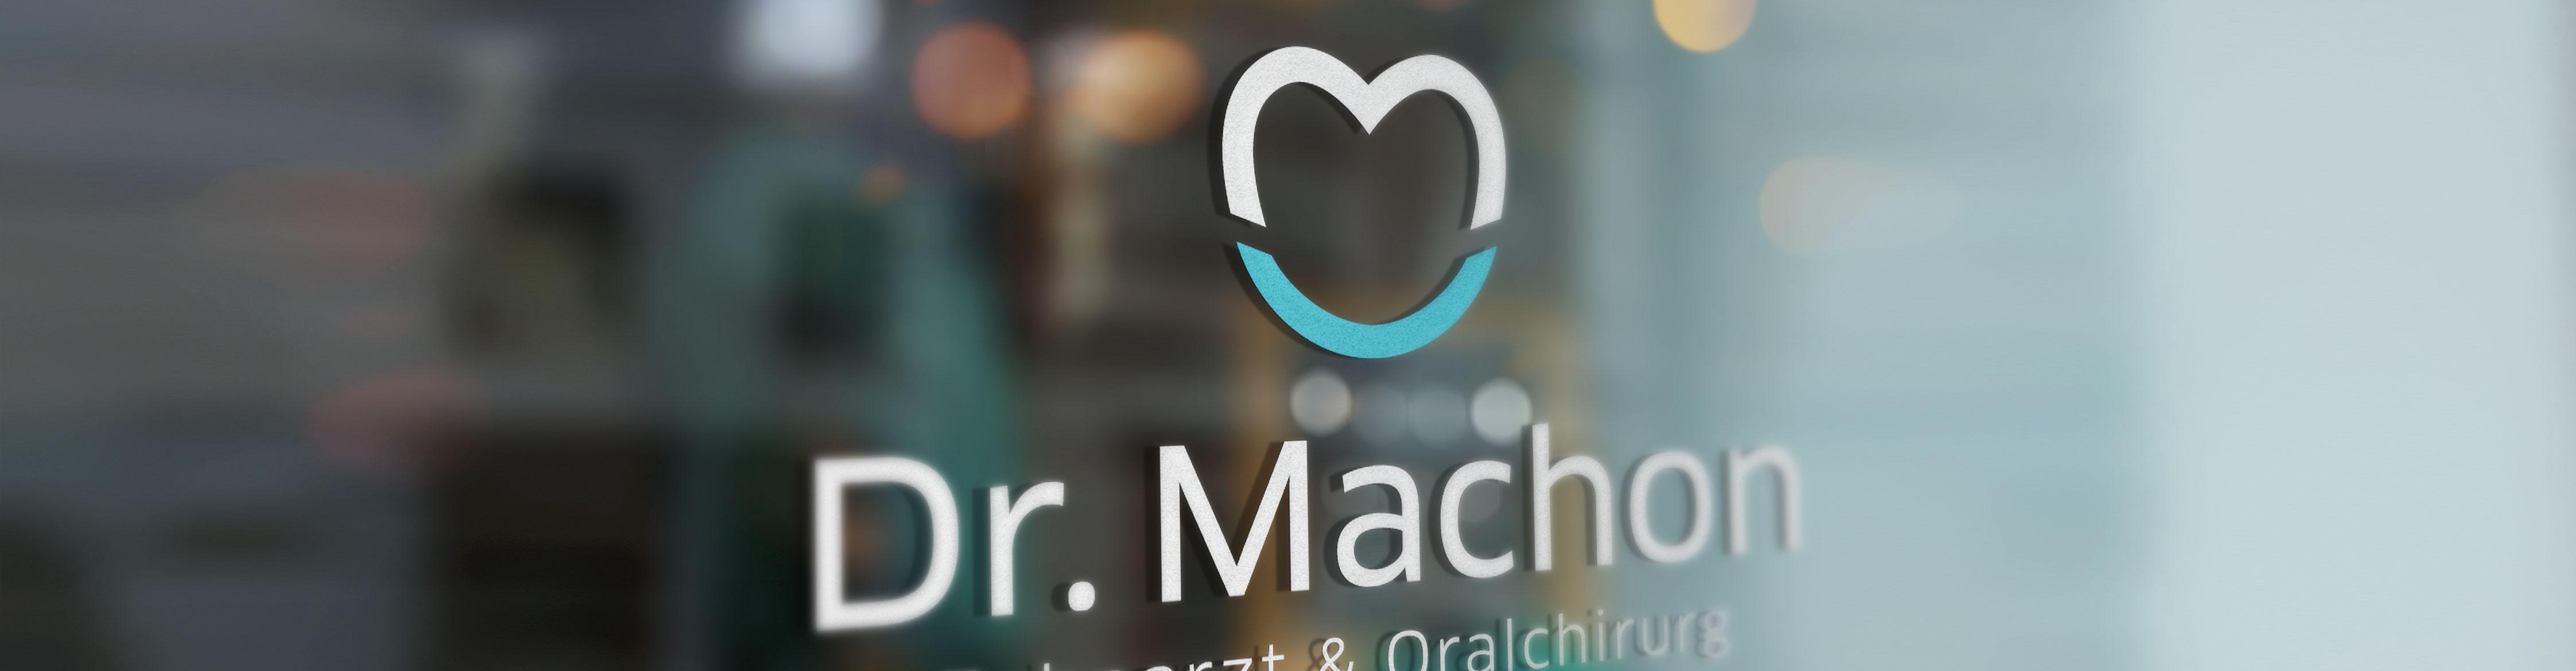 Branding-Machon